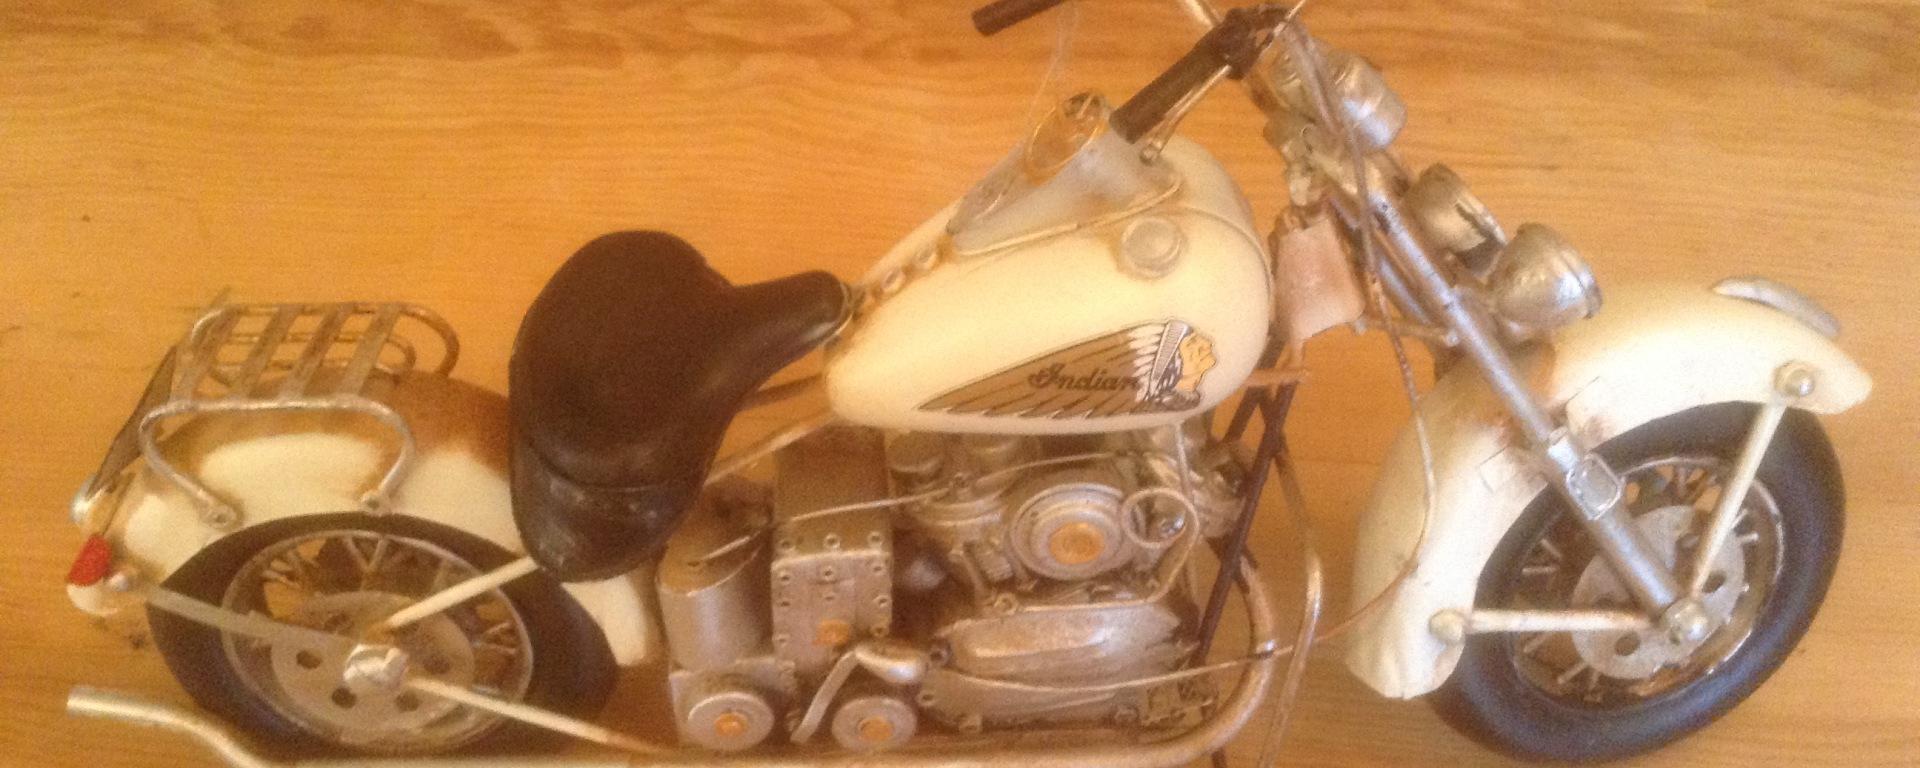 motorbike-birthday-present